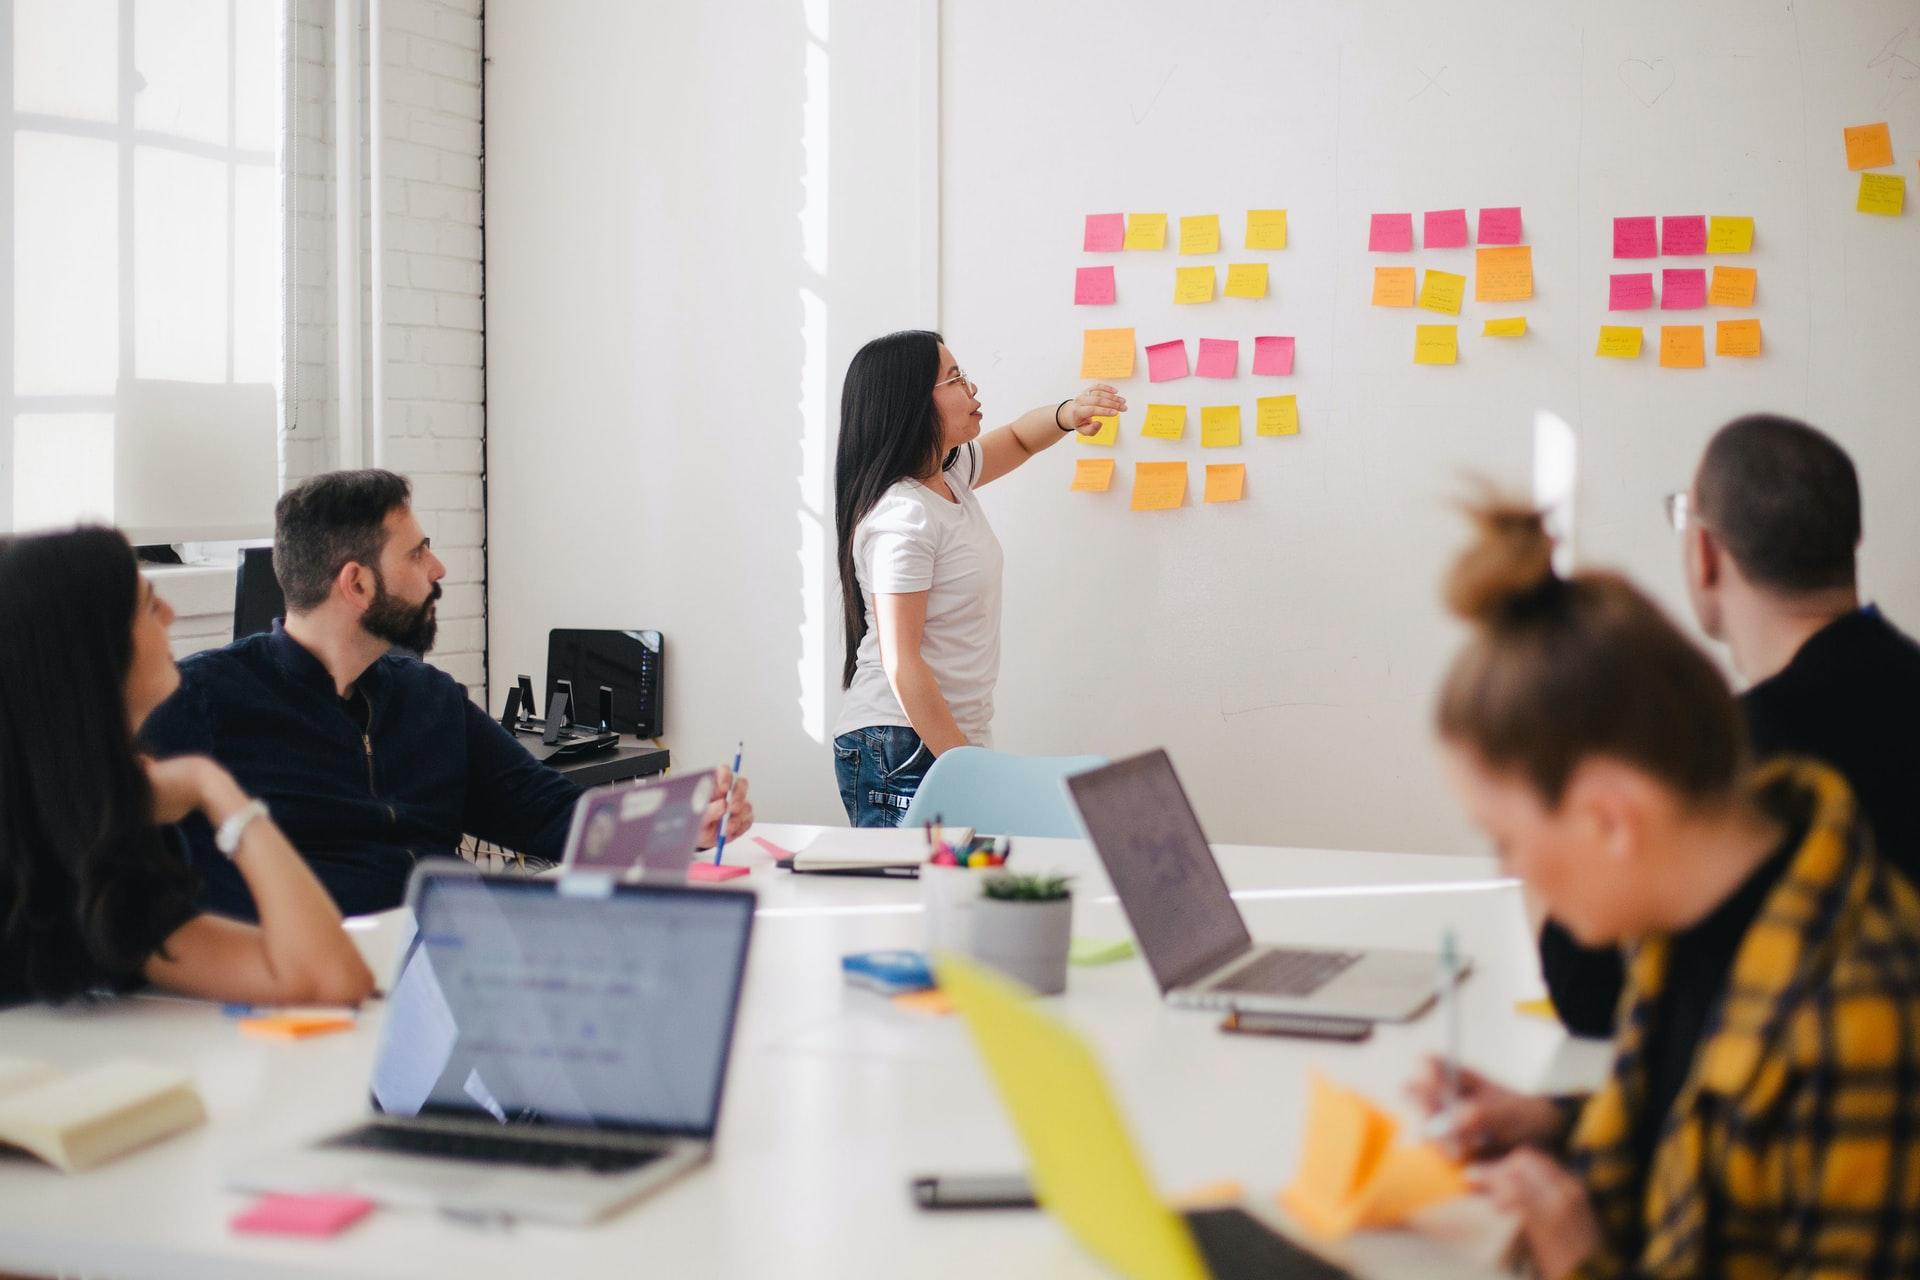 システム構築のための会議のシーン